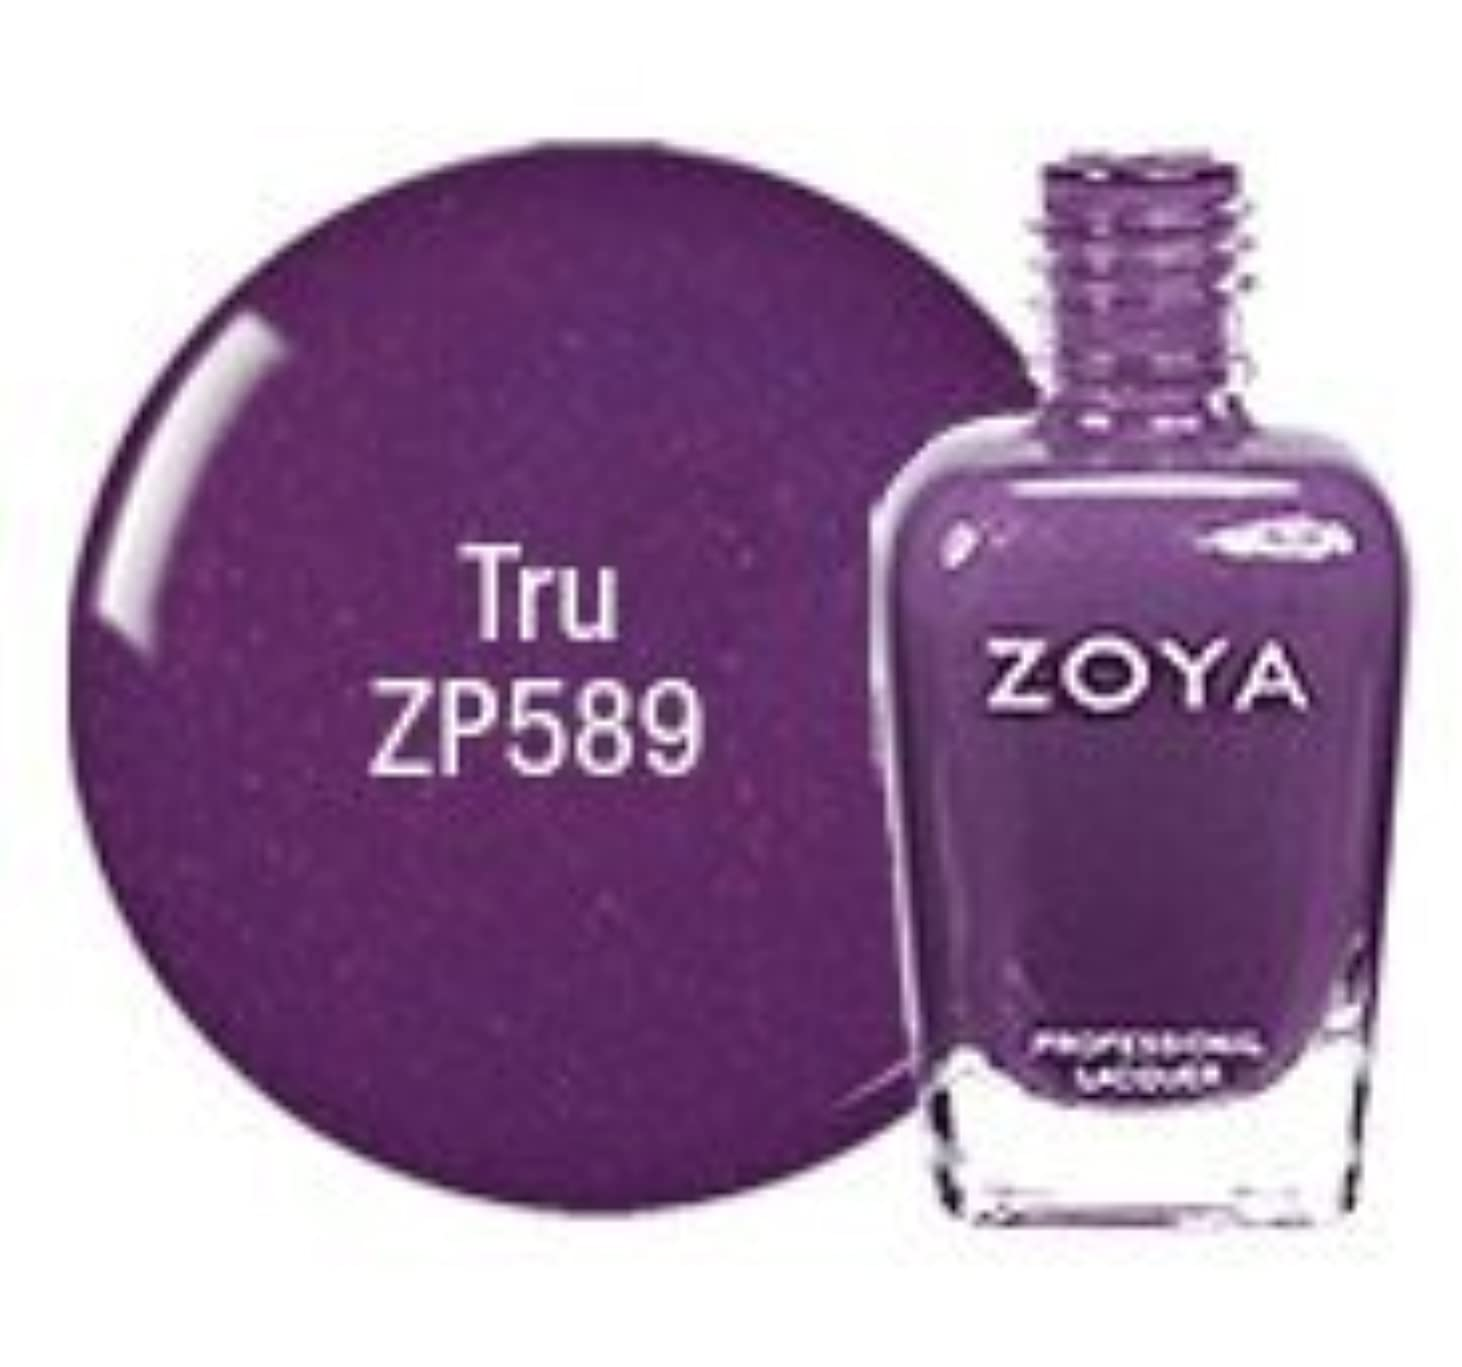 扱う汚い航海の[Zoya] ZP589 ツルー [True Collection][並行輸入品][海外直送品]